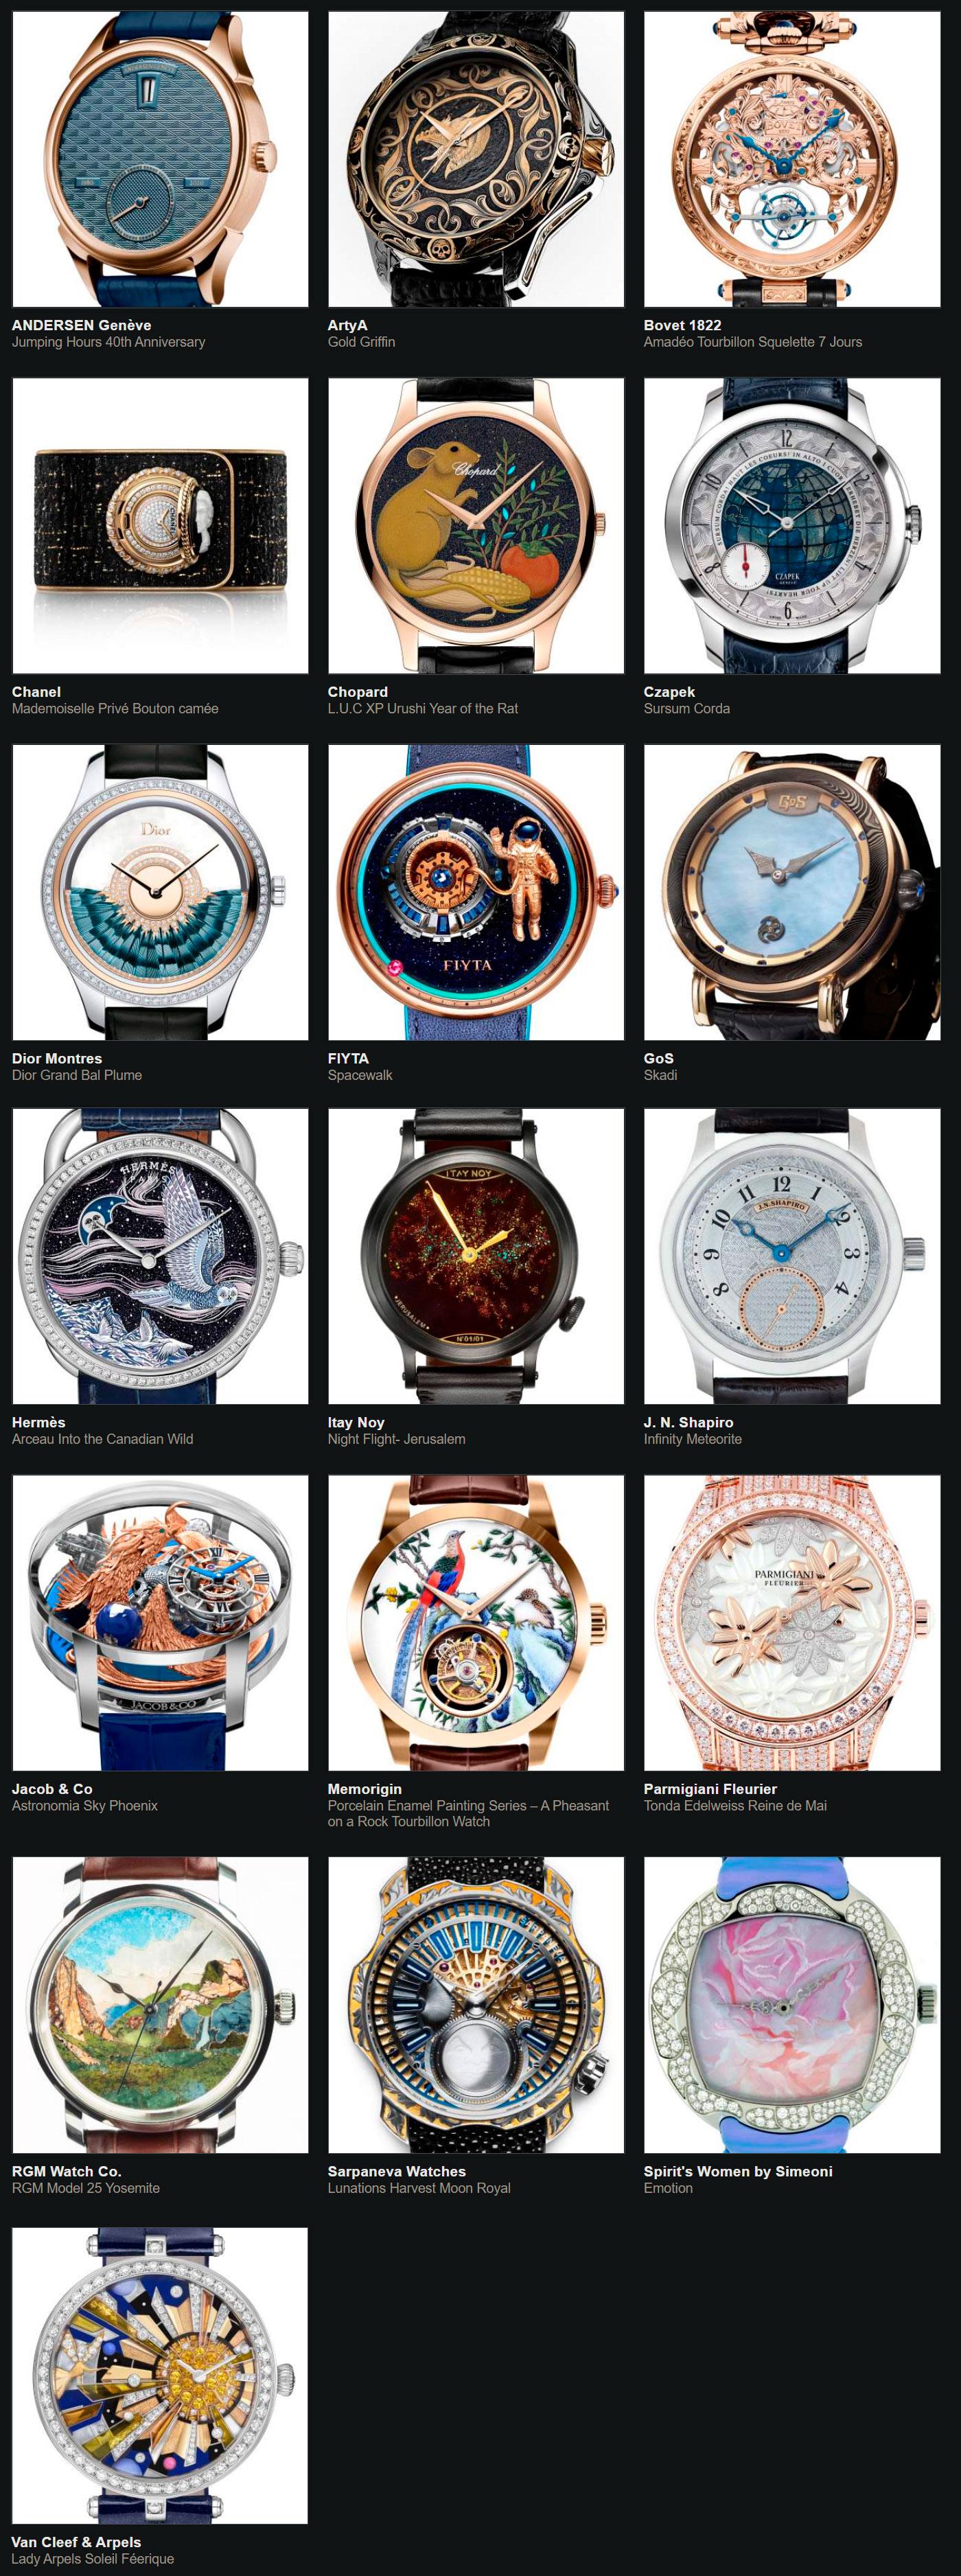 Relojes preseleccionados para el Gran Premio de Relojería de Ginebra 2020 Oficios Artesanos